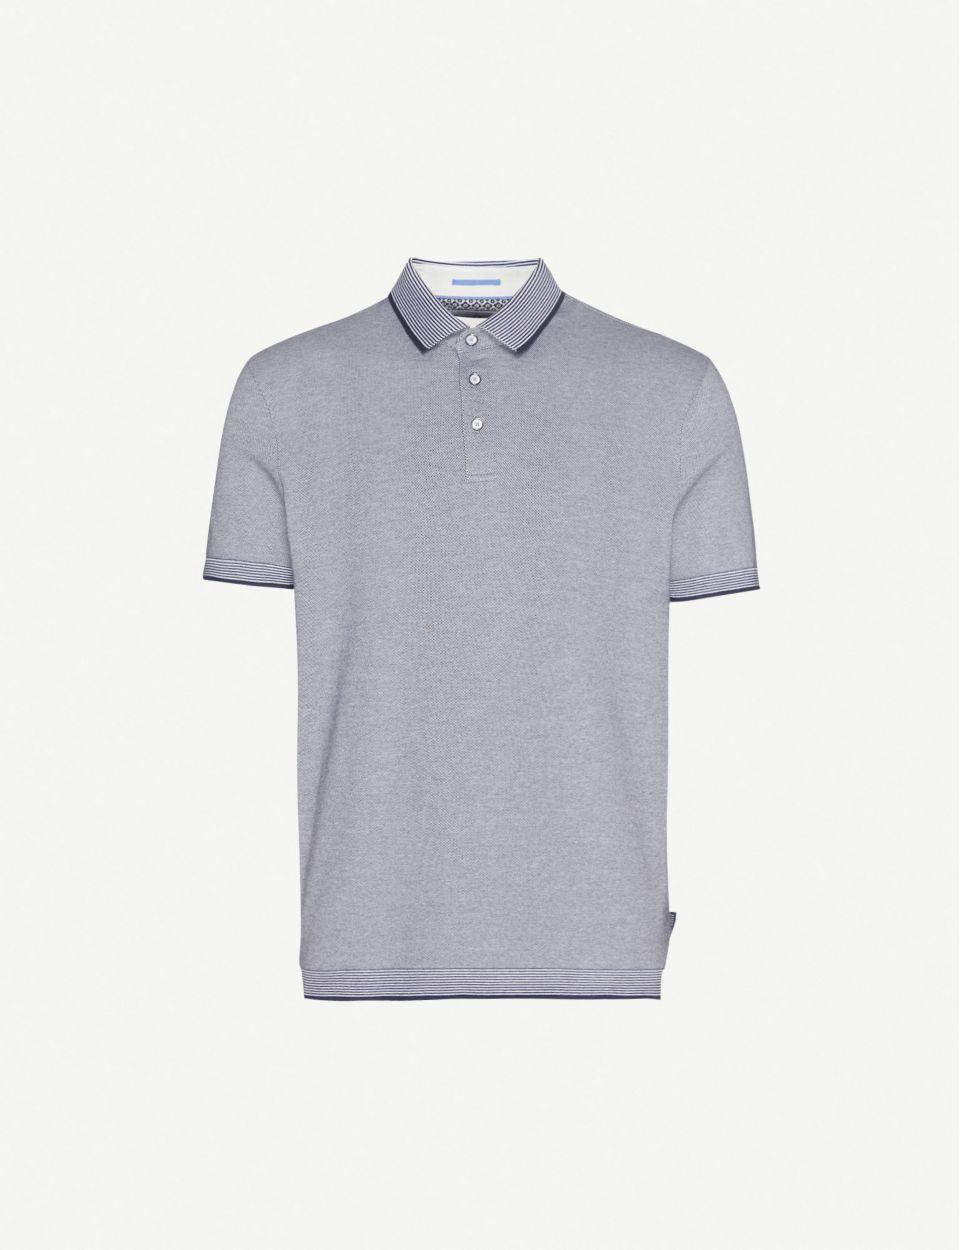 Ribstart cotton-piqué polo shirt